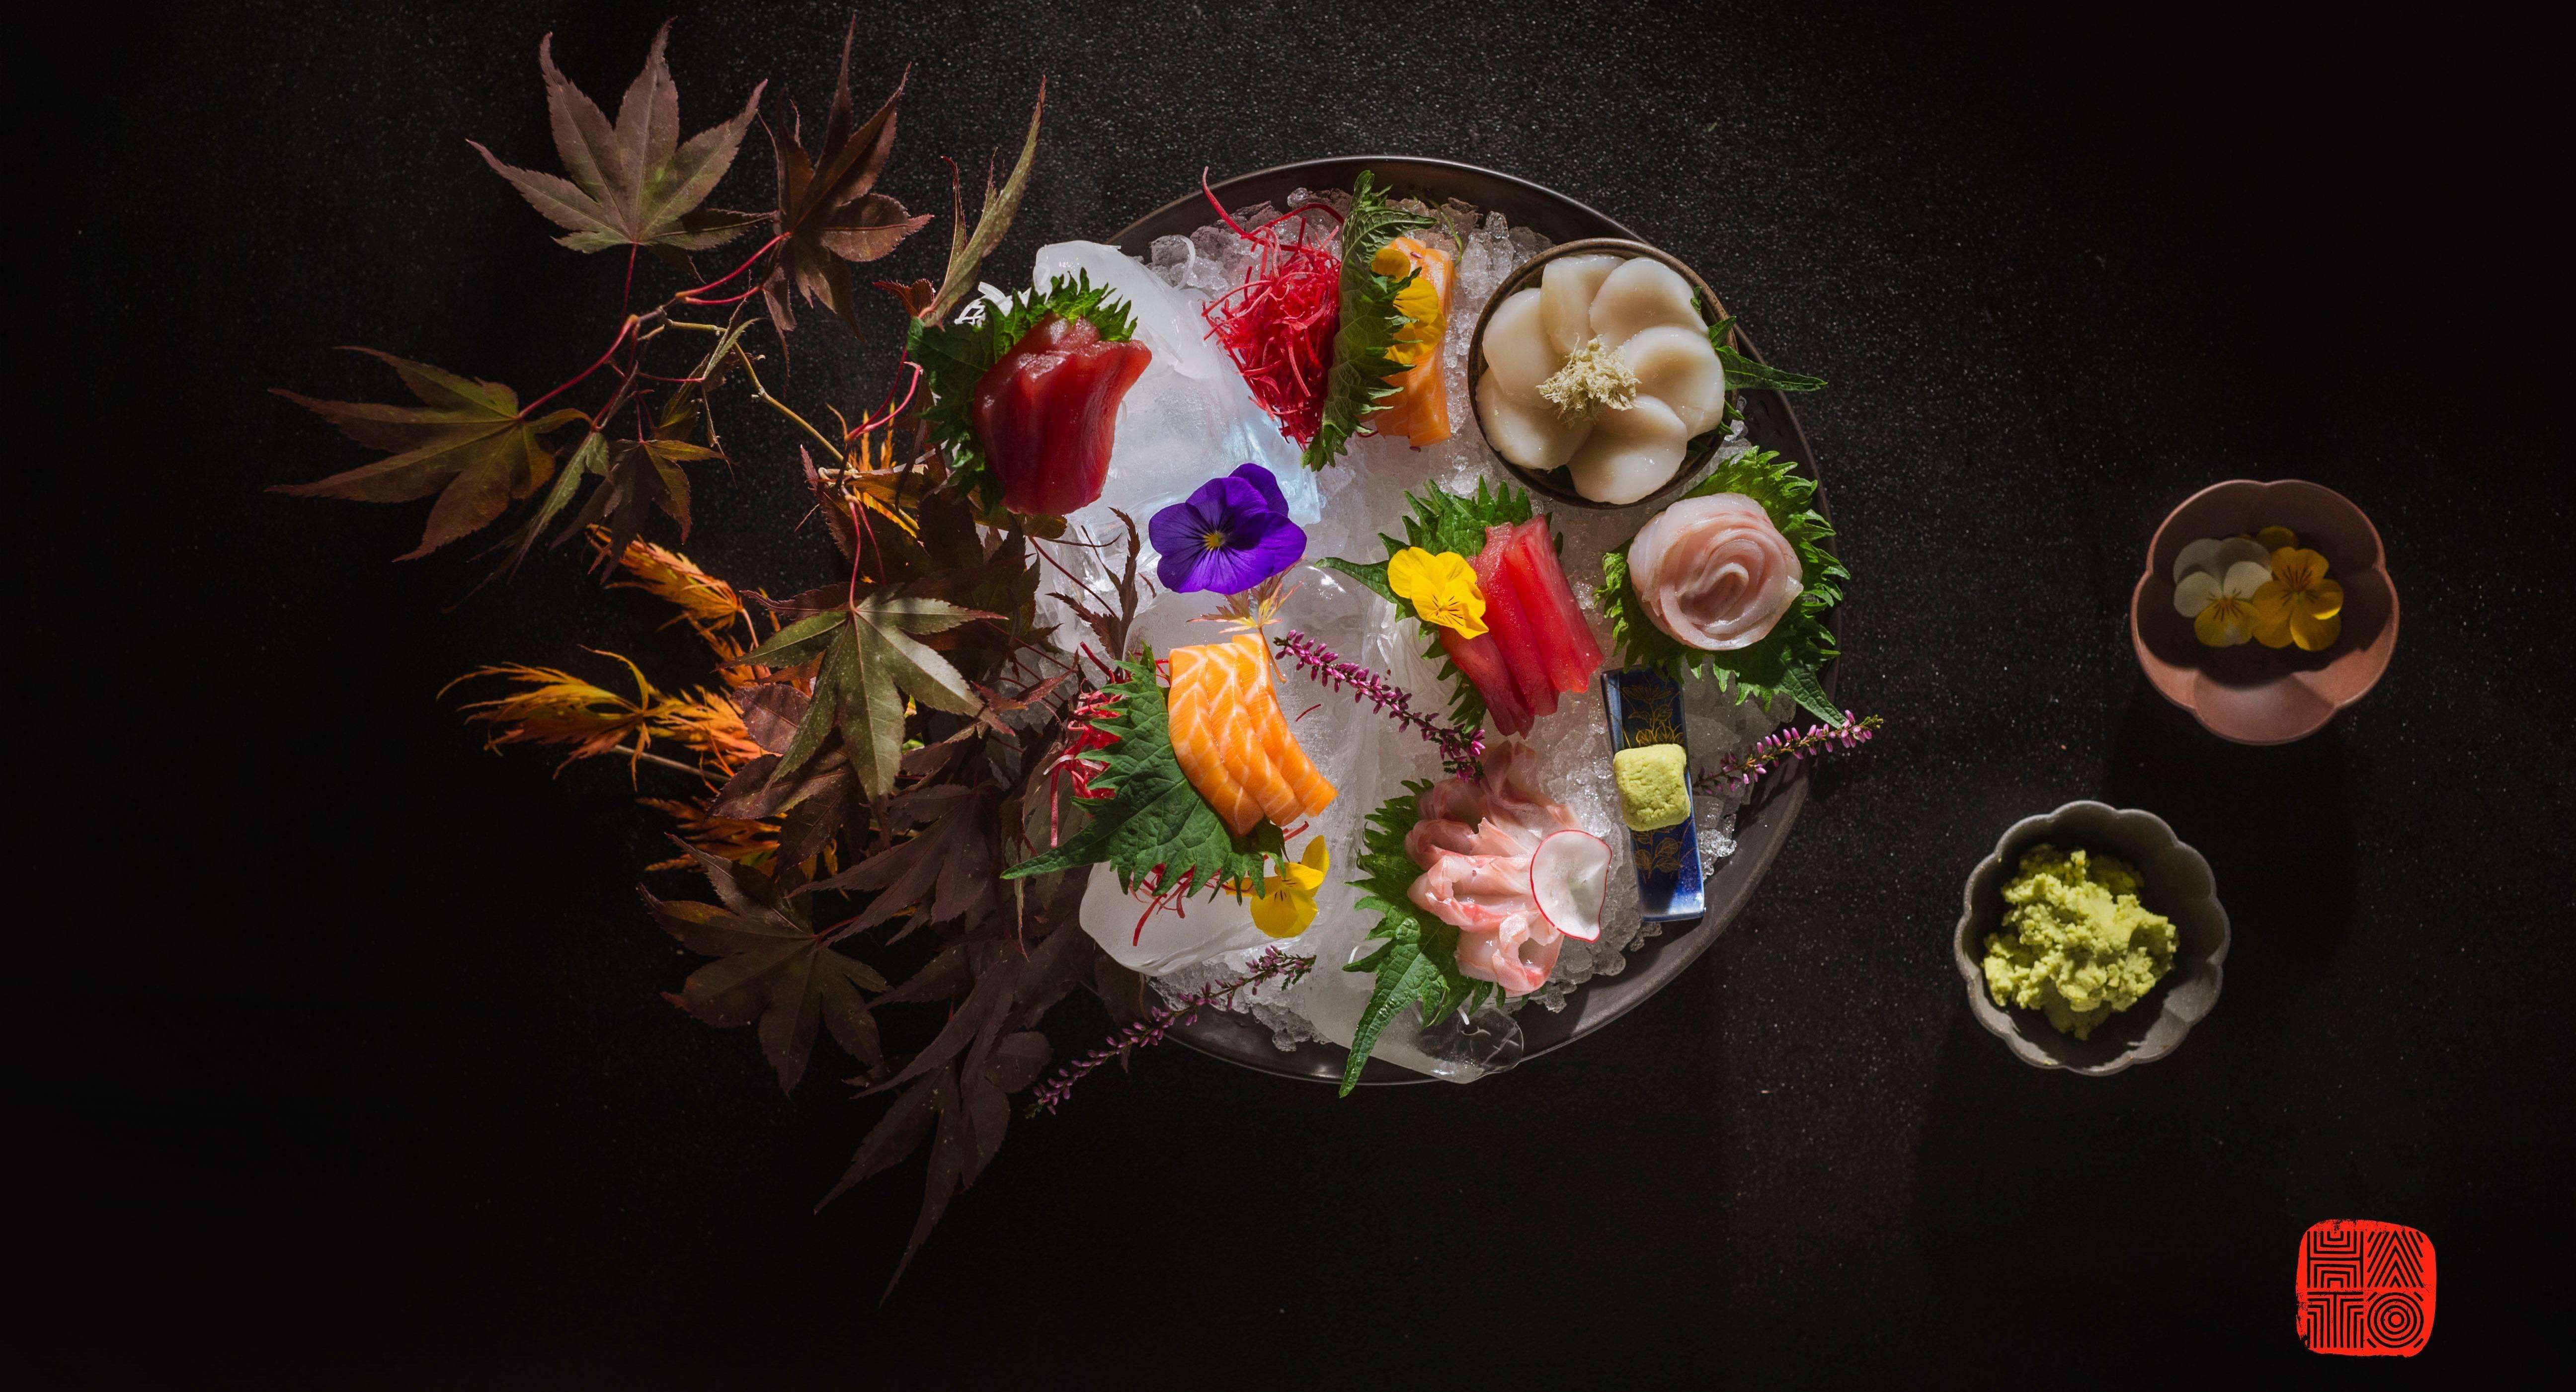 HATO St. Moritz - Fine Asian Cuisine St. Moritz image 3